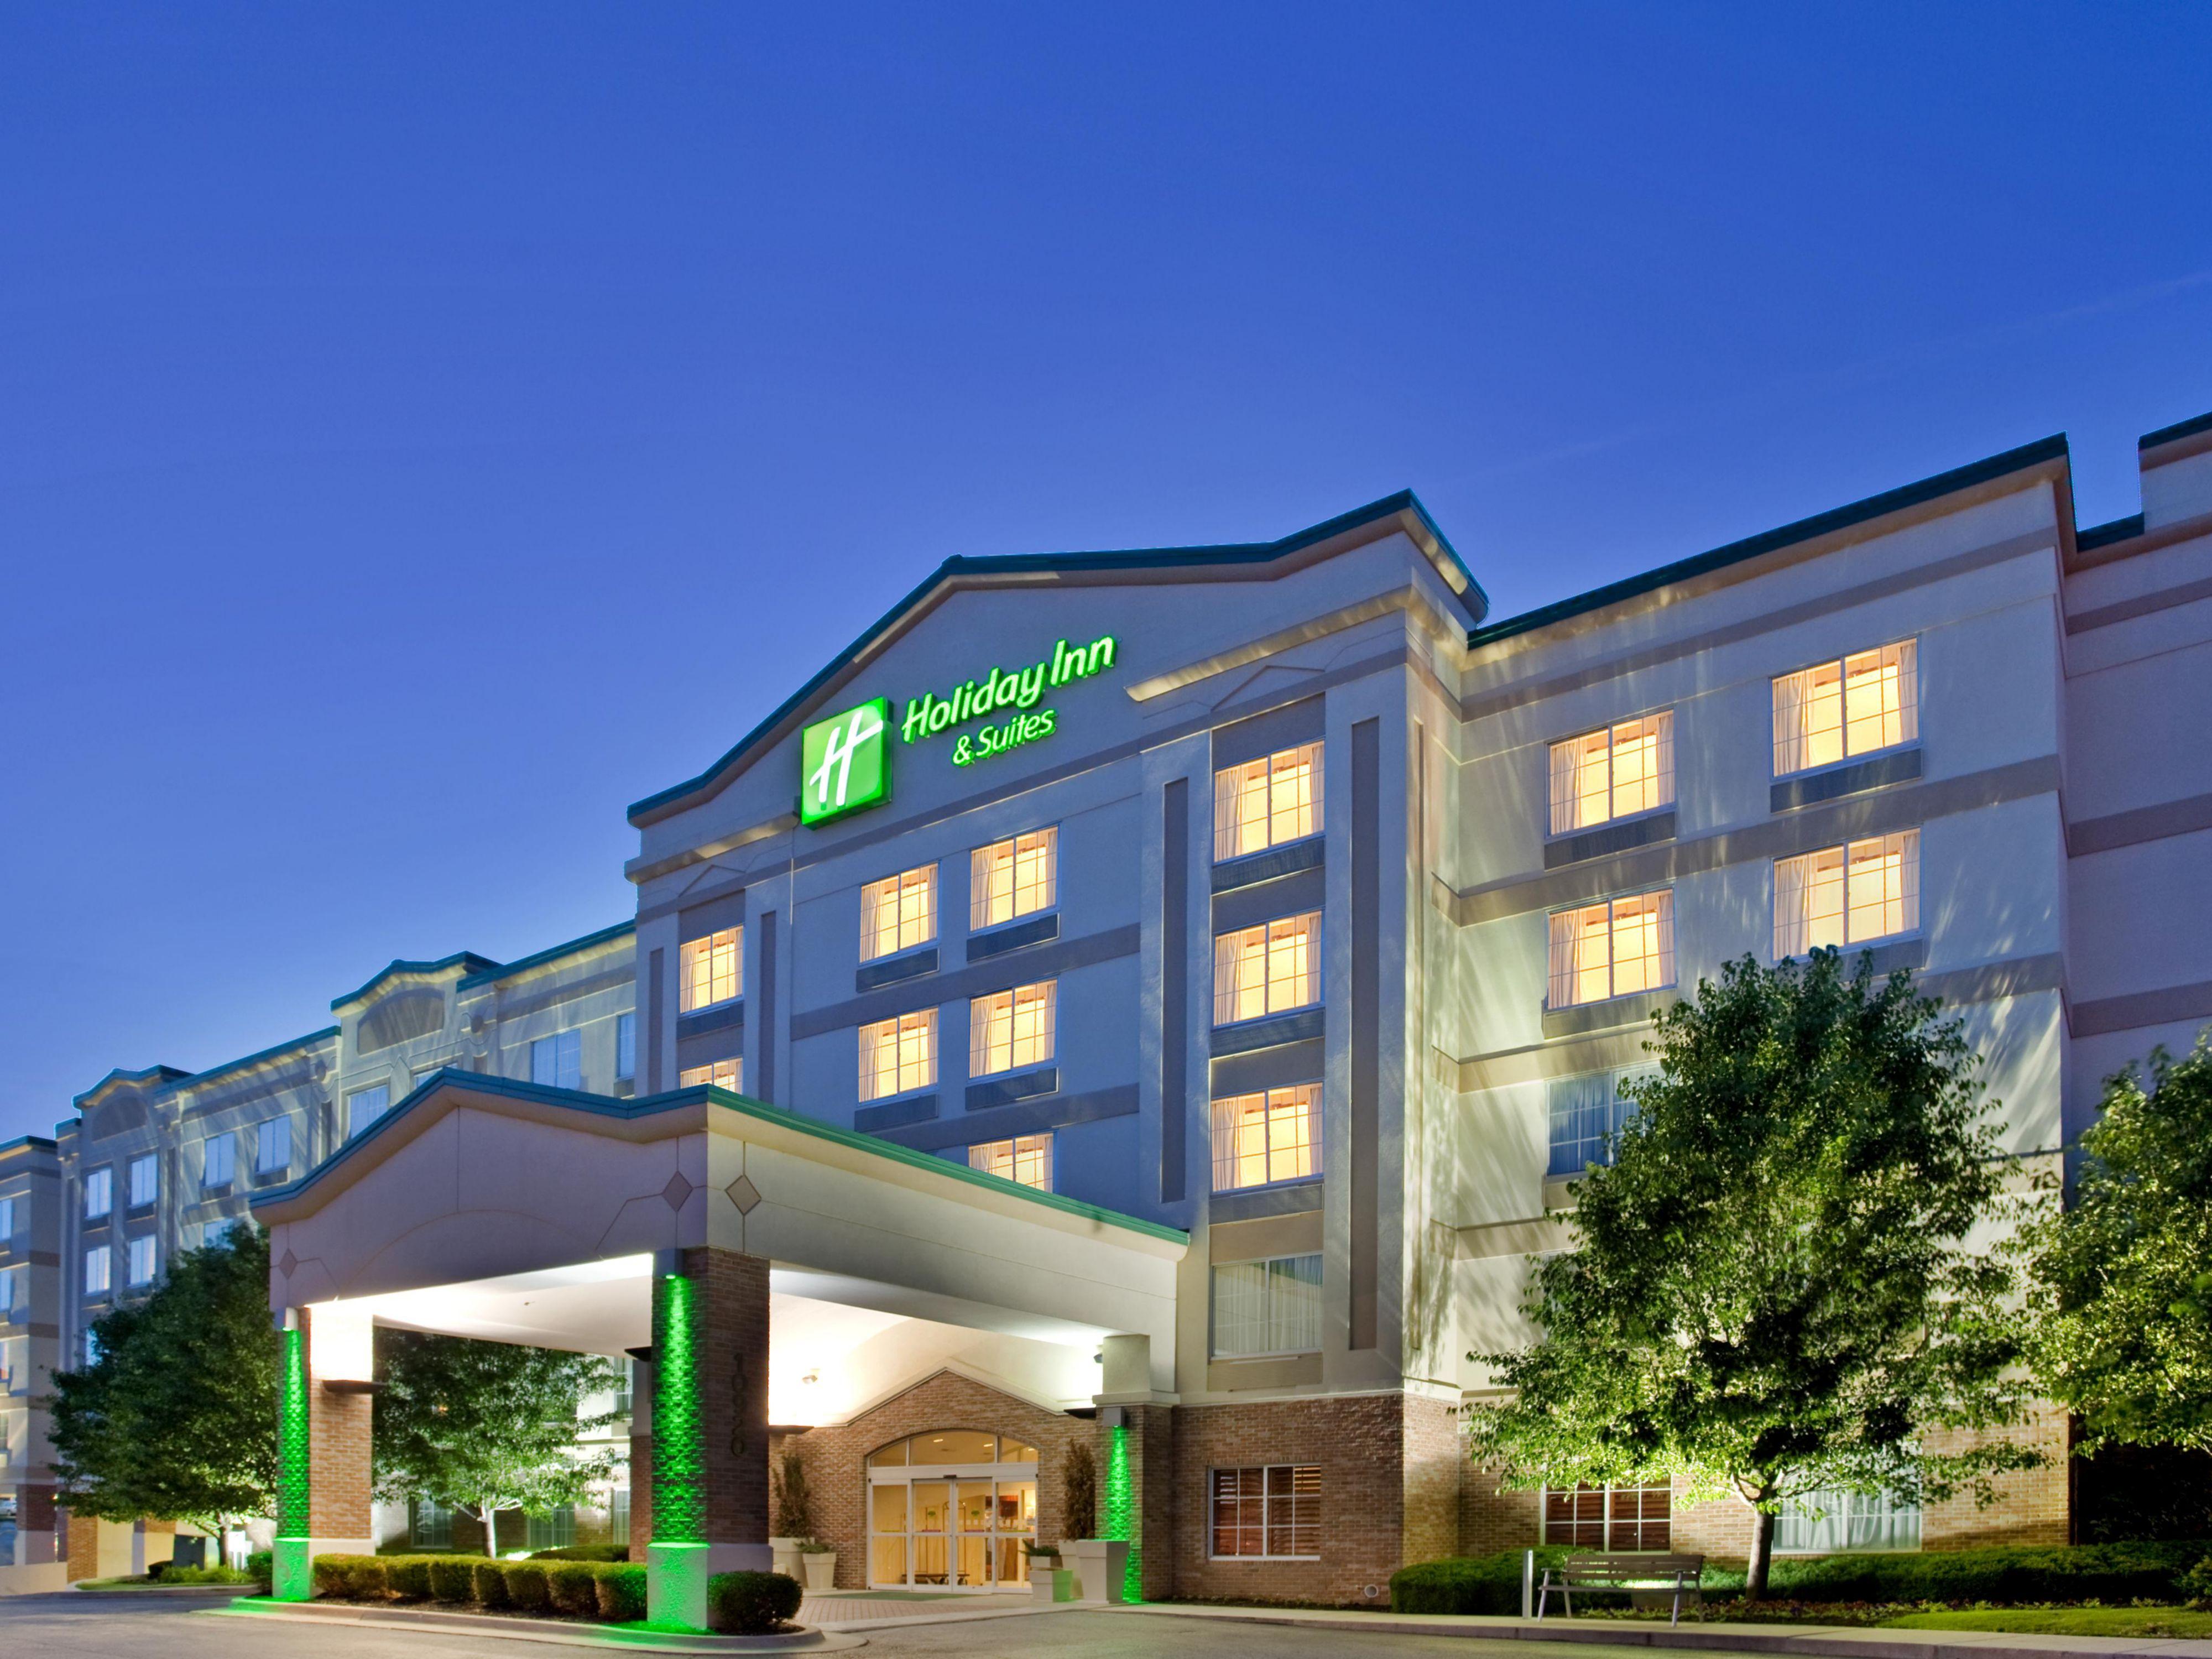 Holiday Inn Suites Overland Park Conv Ctr In Lenexa Kansas